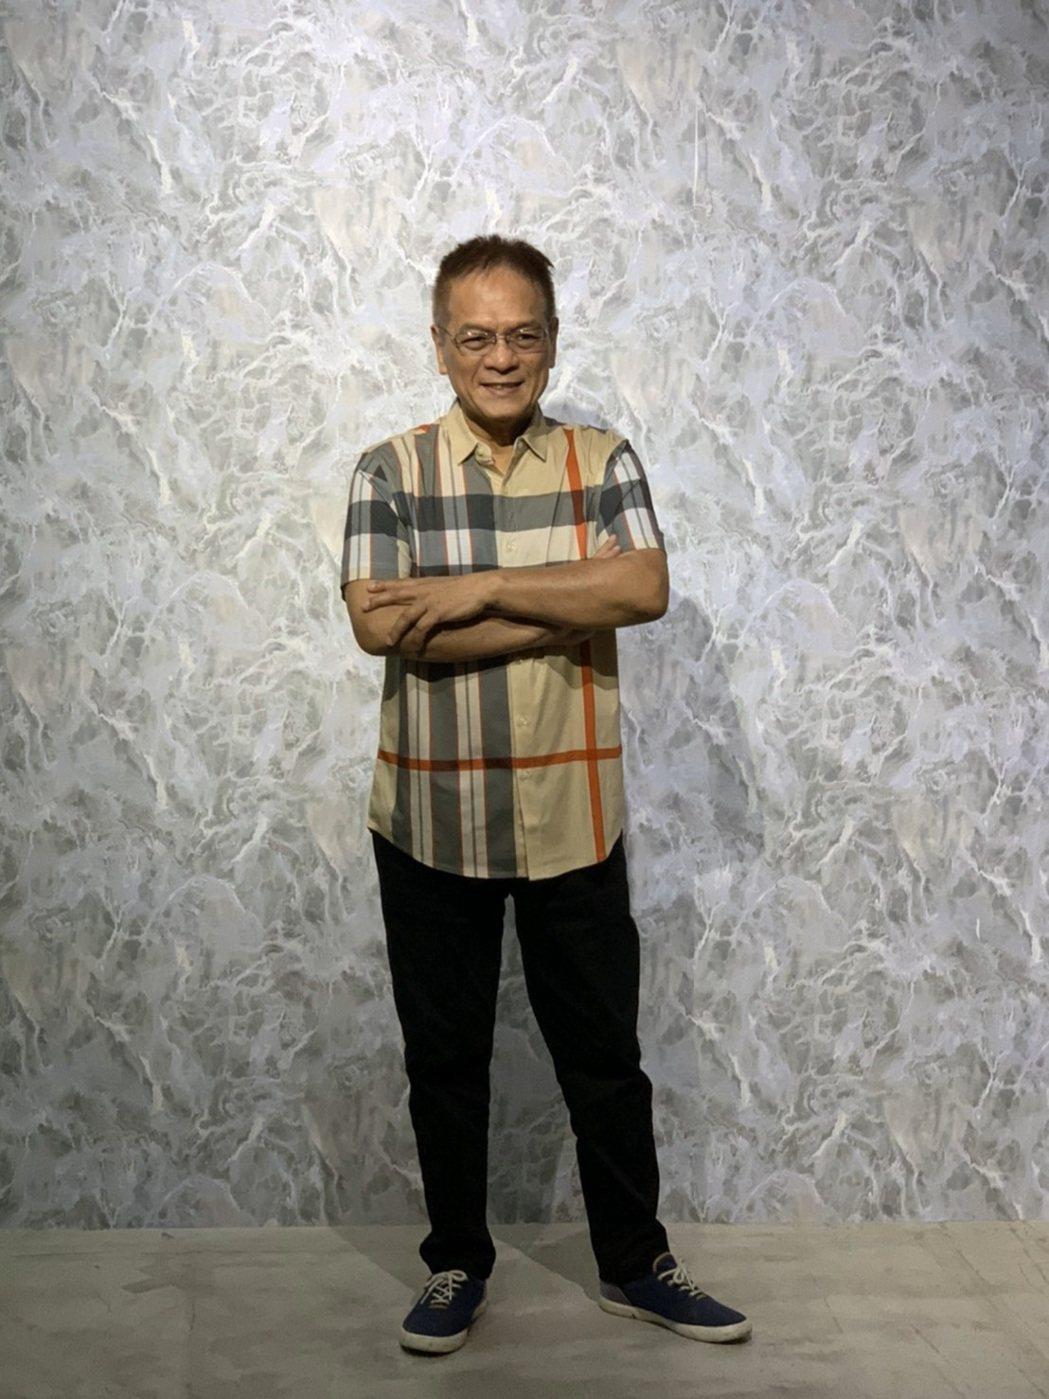 黃瑞豐榮獲第31屆金曲獎特別貢獻獎。圖/開麗娛樂提供